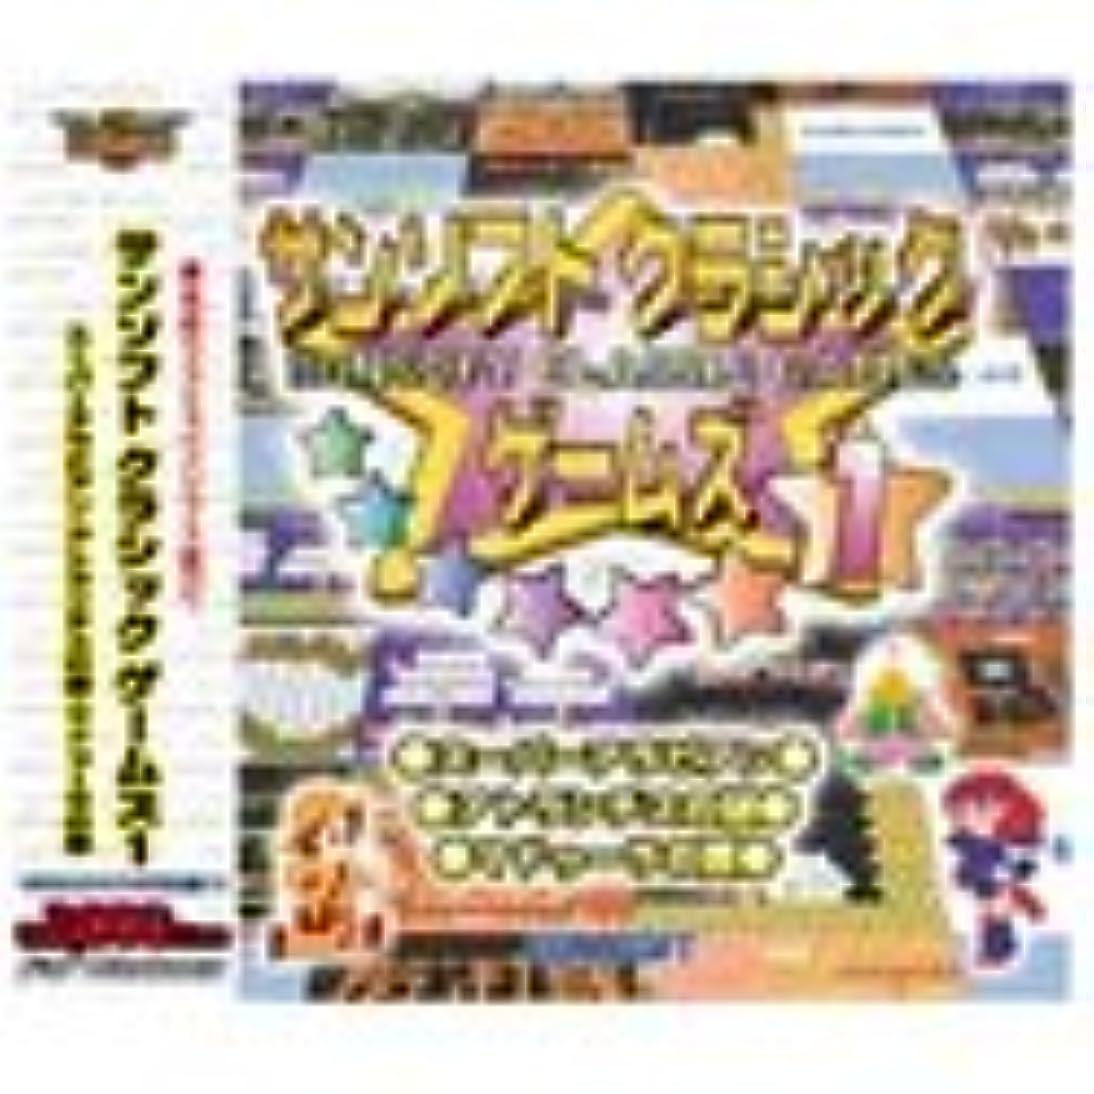 鋼献身平日Ultra2000 サンソフト クラシック ゲームズ 1